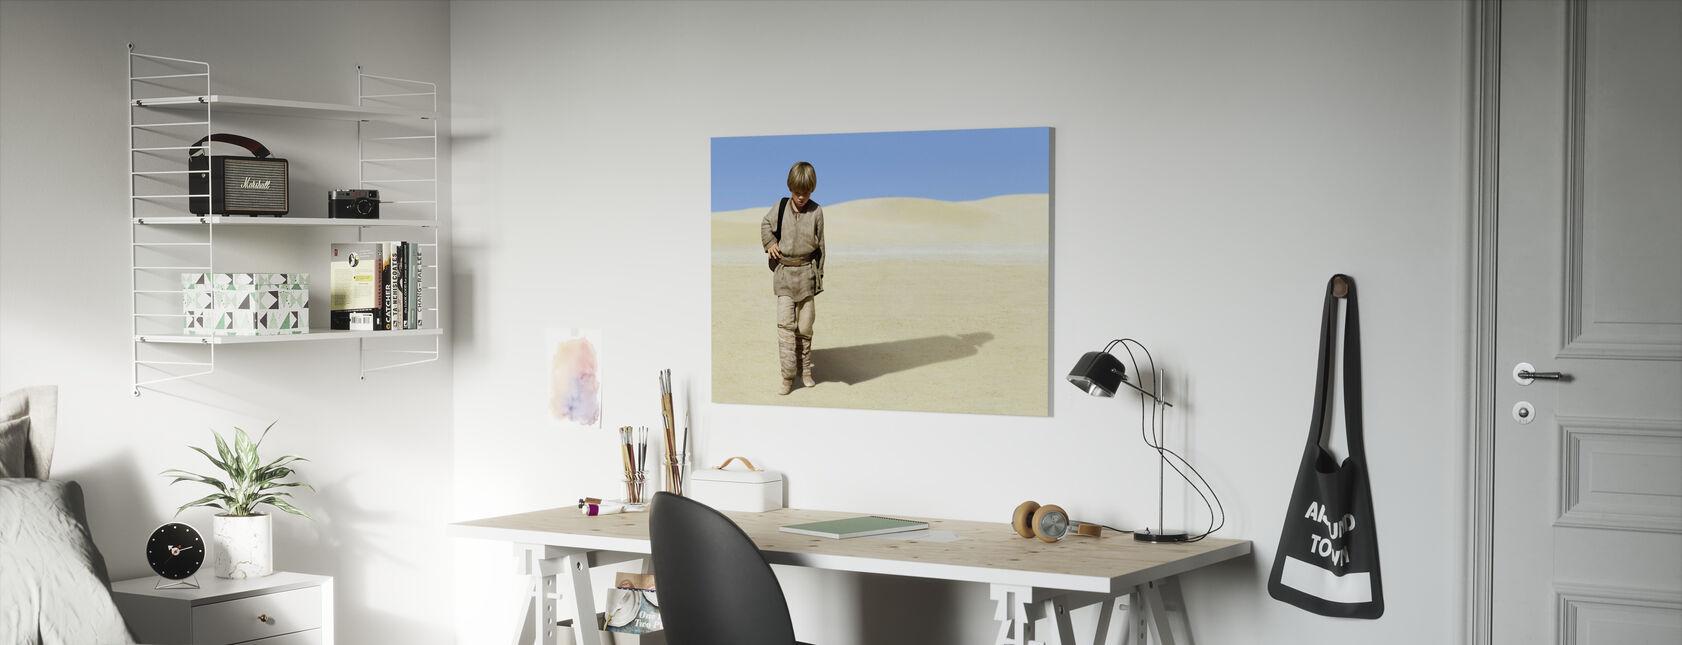 Star Wars - unge Anakin Skywalker 1 - Lerretsbilde - Barnerom